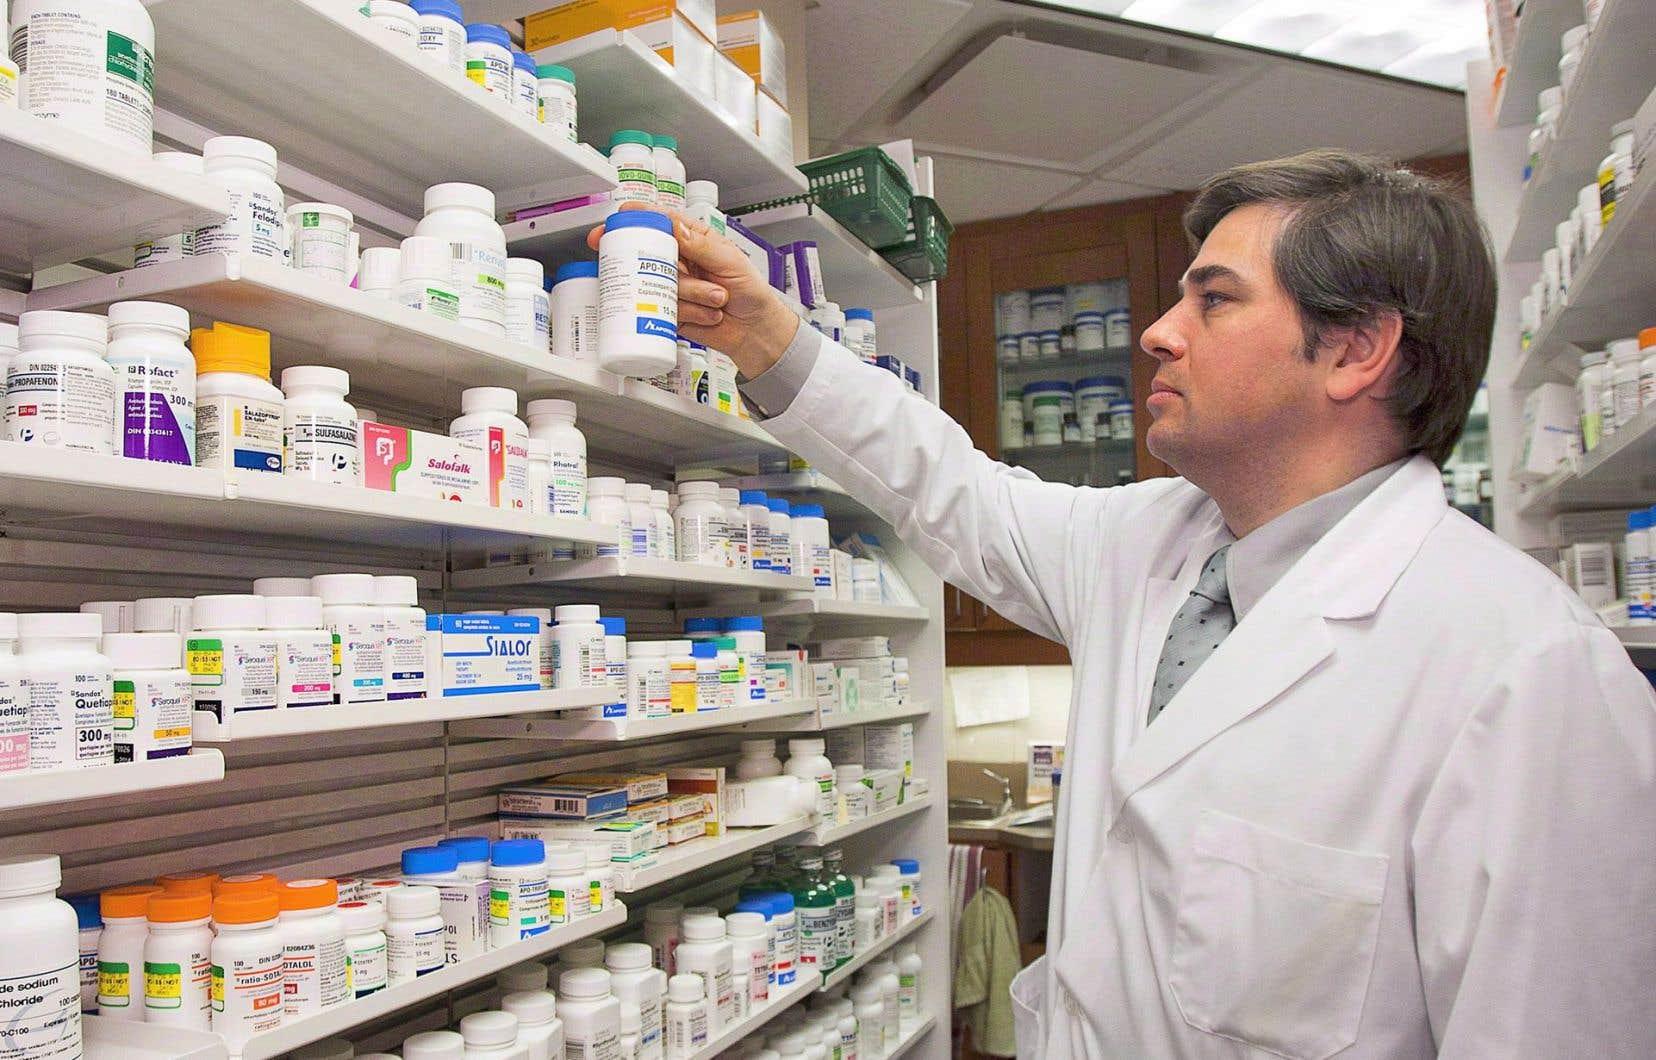 Le Canada est le seul pays industrialisé ayant un système de santé couvert par l'État, mais sans couverture des médicaments.